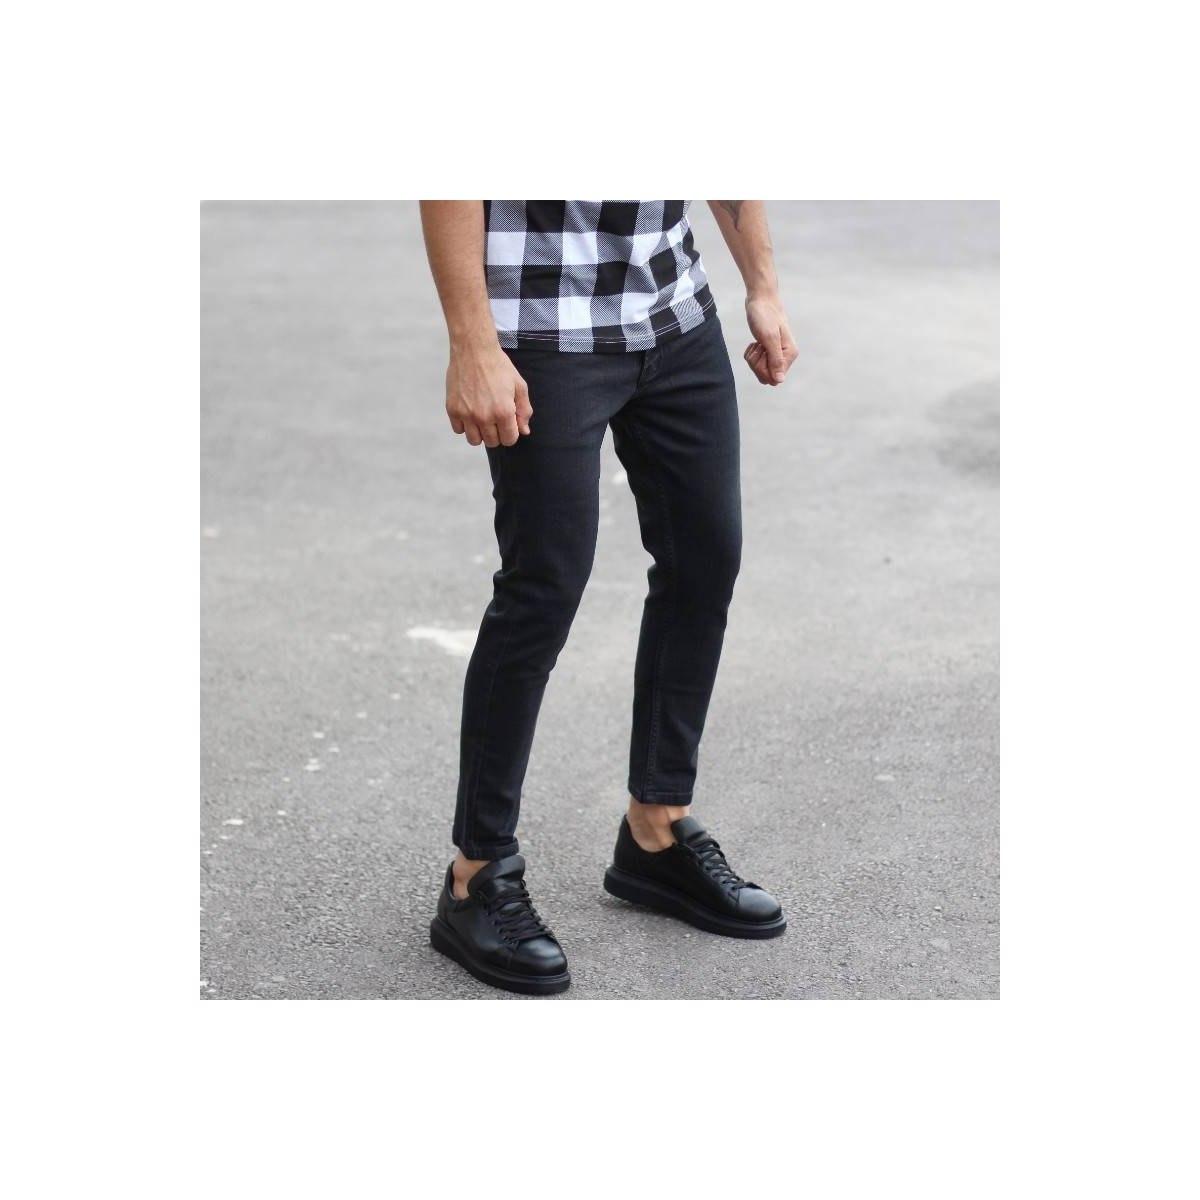 Men's Skinny Jeans in New...